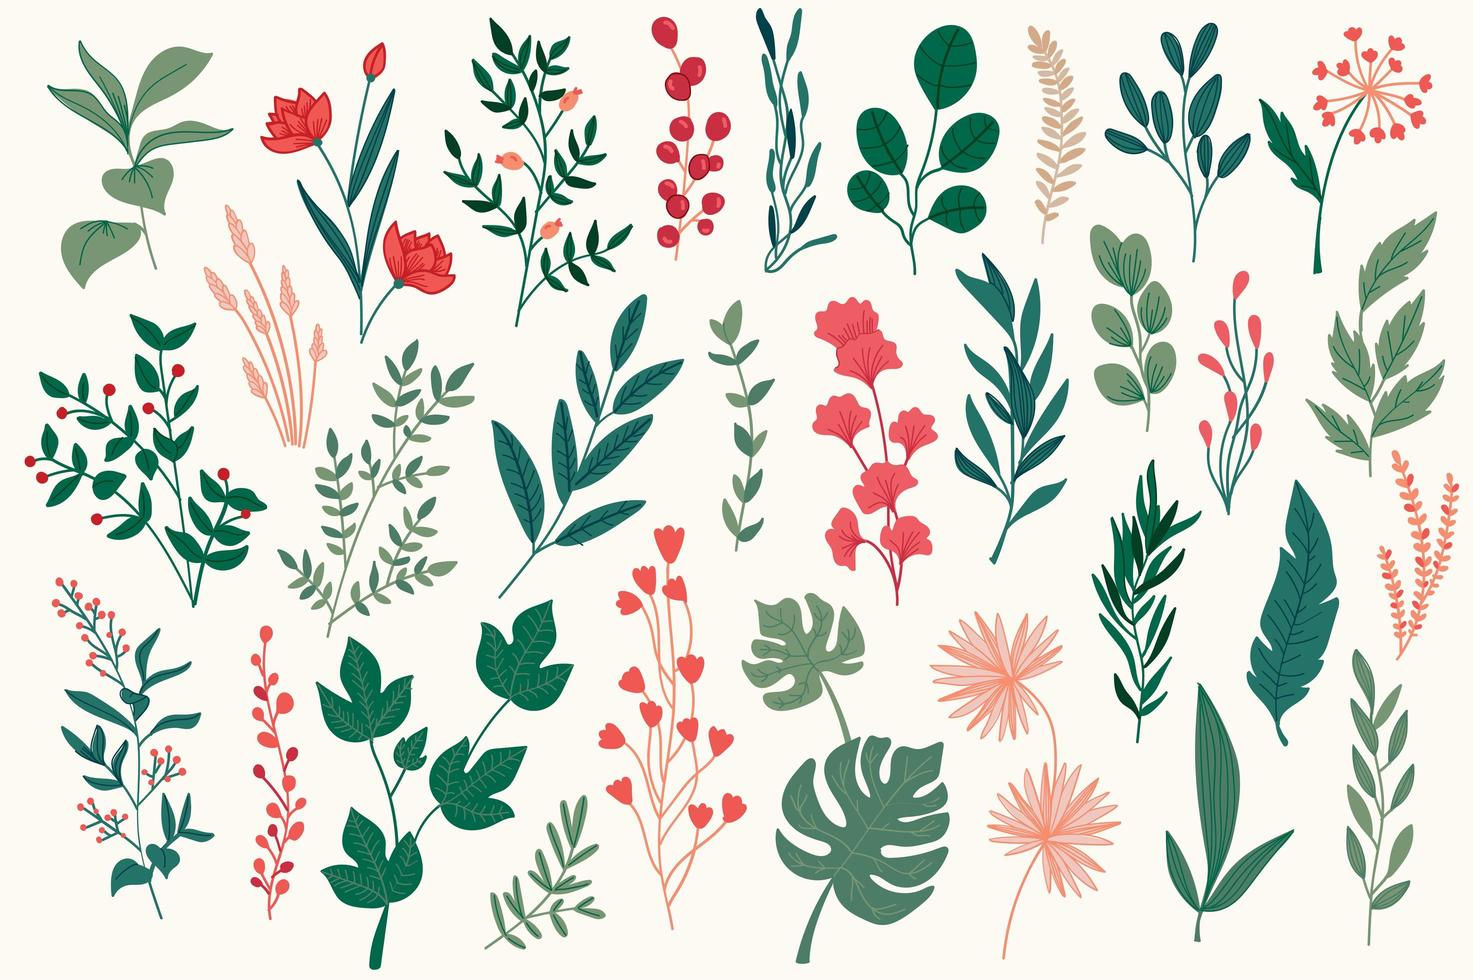 botanische Elemente, handgezeichnetes Grafikpaket. vektor